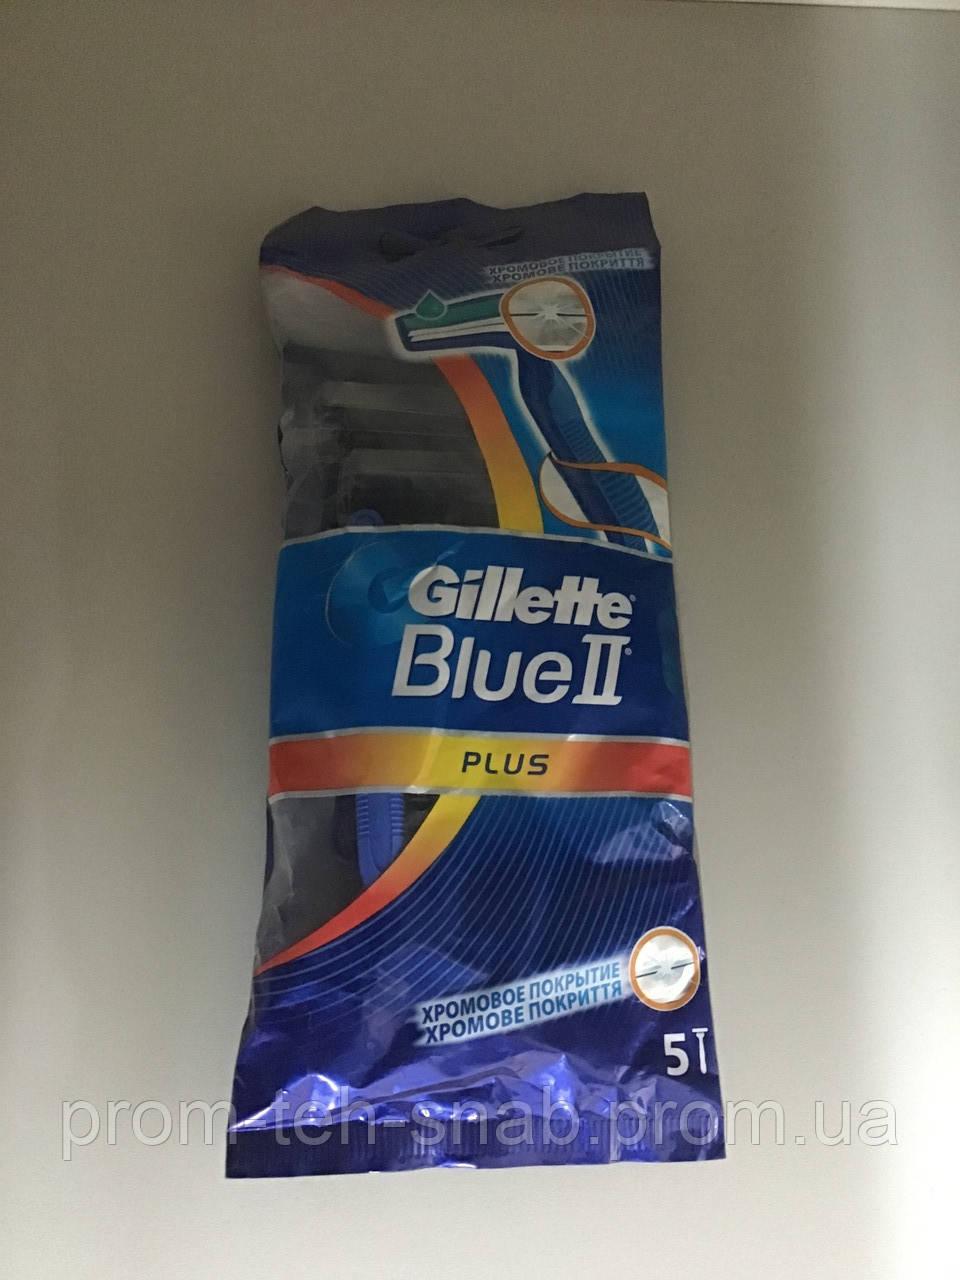 Станок для бритья GILLETTE Blue 2 Plus одноразовый 5 шт